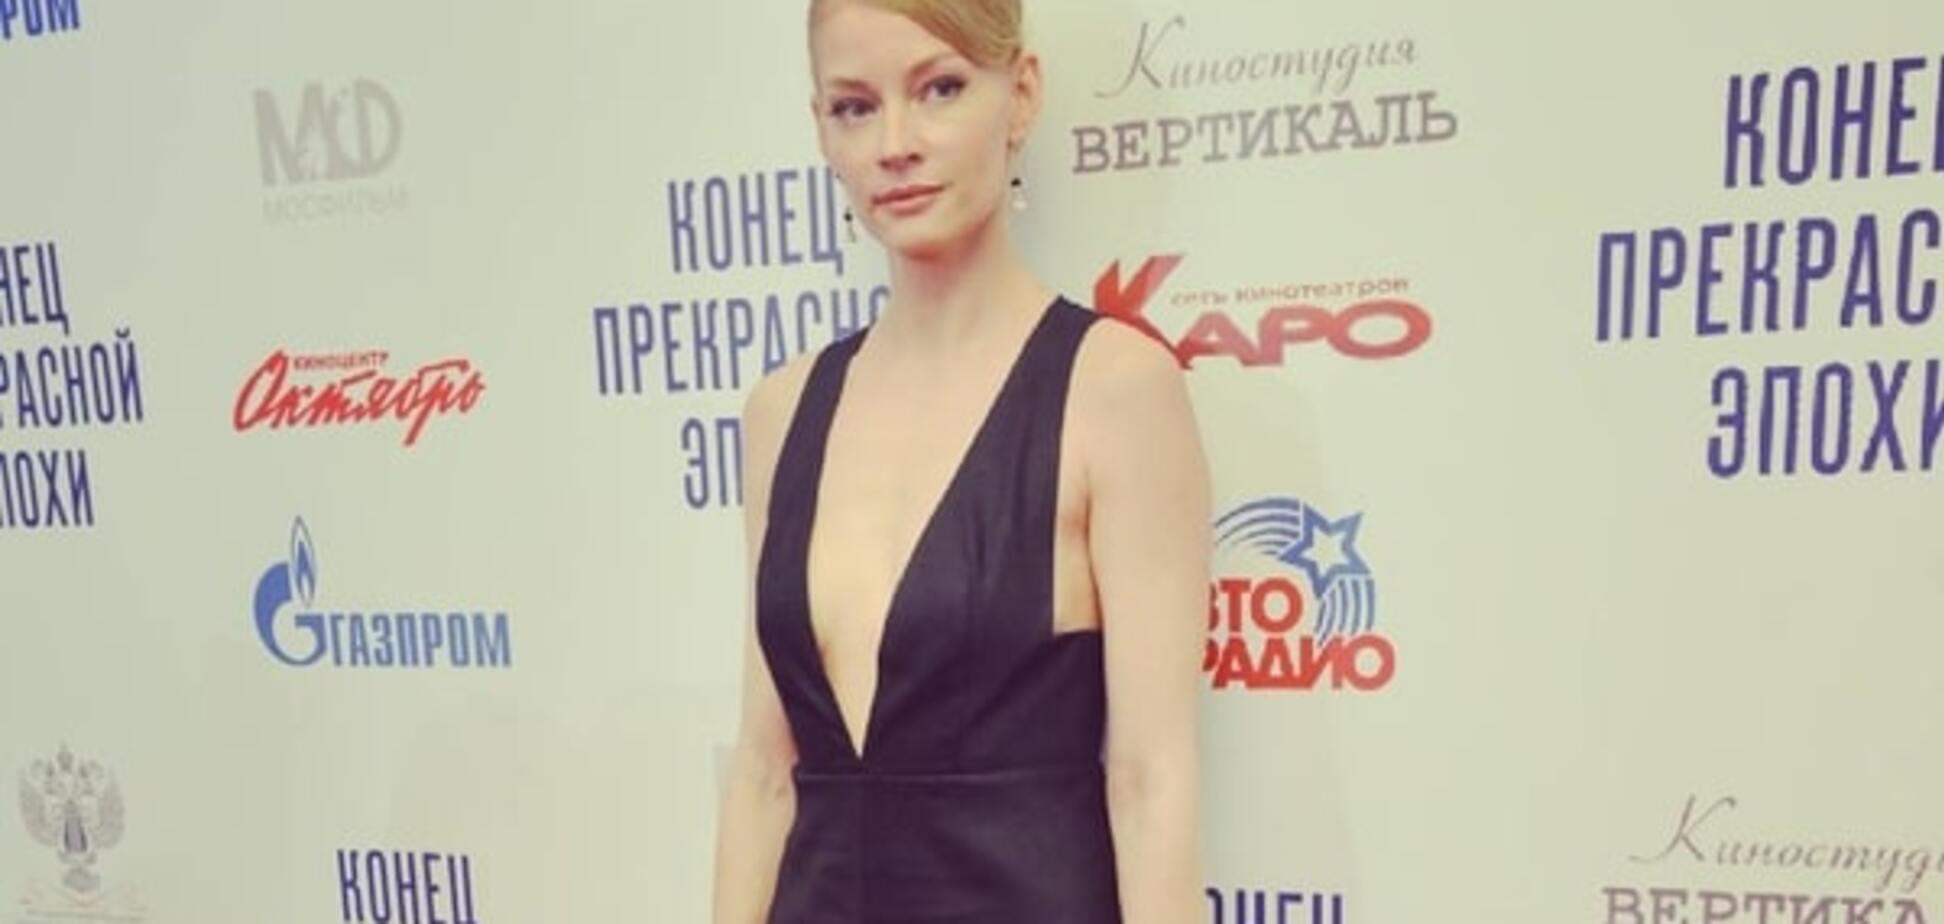 Светлана Ходченкова шокировала худобой и слишком откровенным декольте